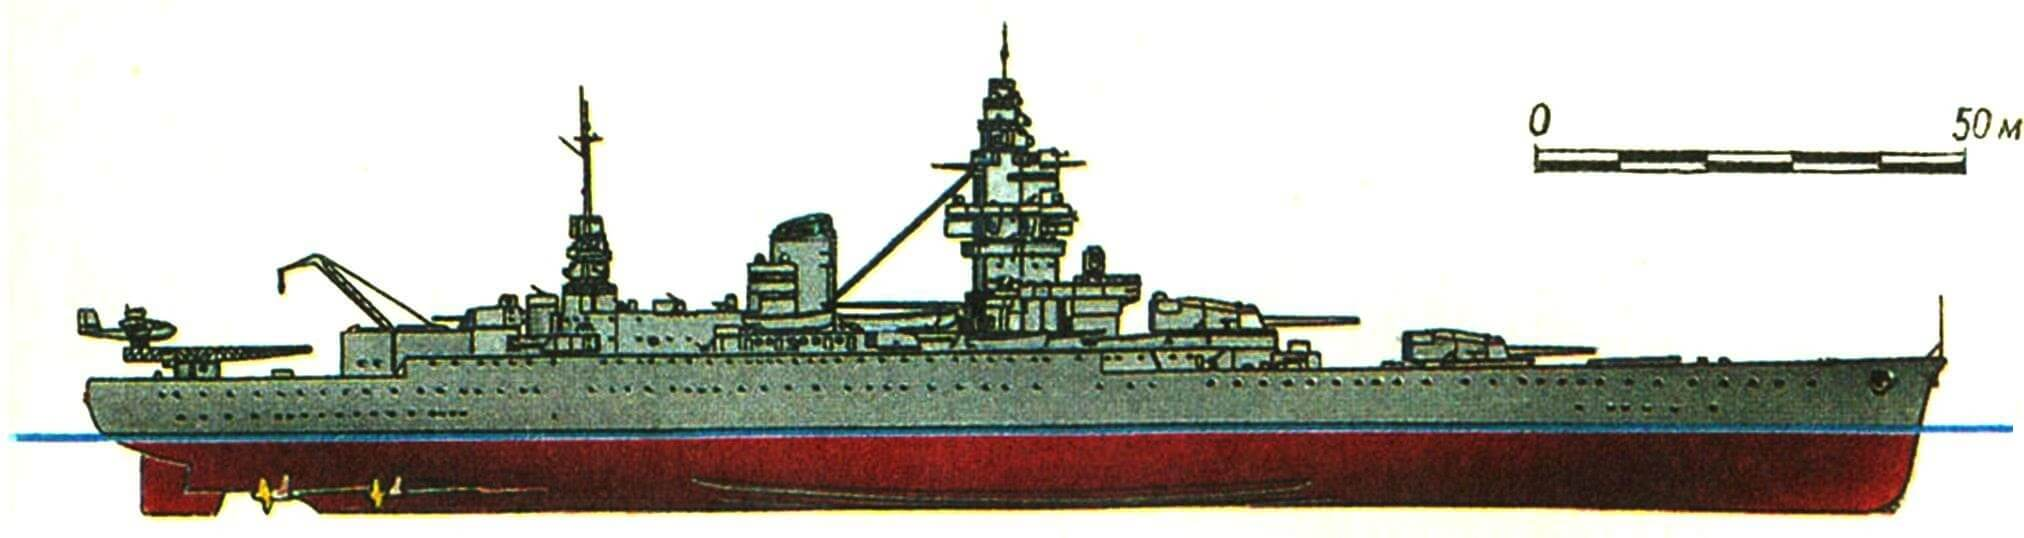 224. Линейный корабль «ДЮНКЕРК», Франция, 1936 г.